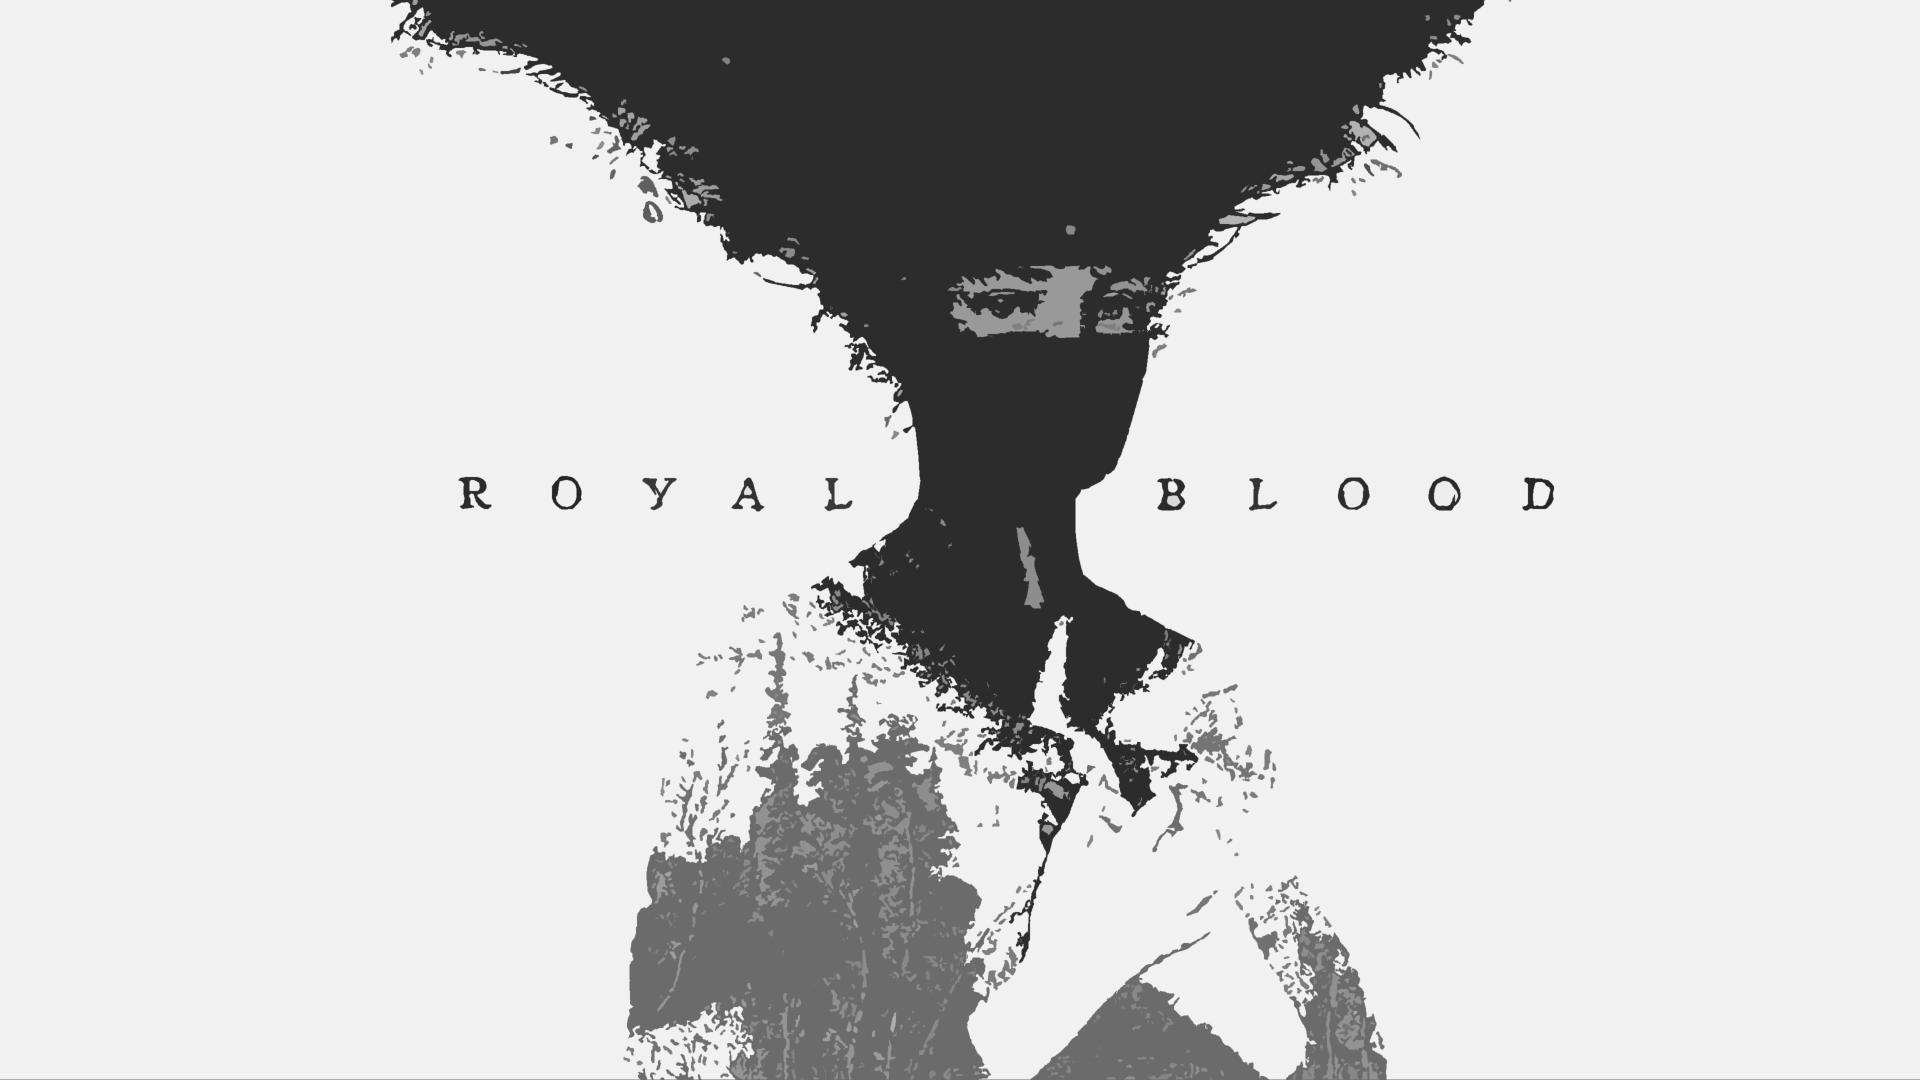 I ROYAL BLOOD SI MERITANO UN ARTICOLO DI PARTE